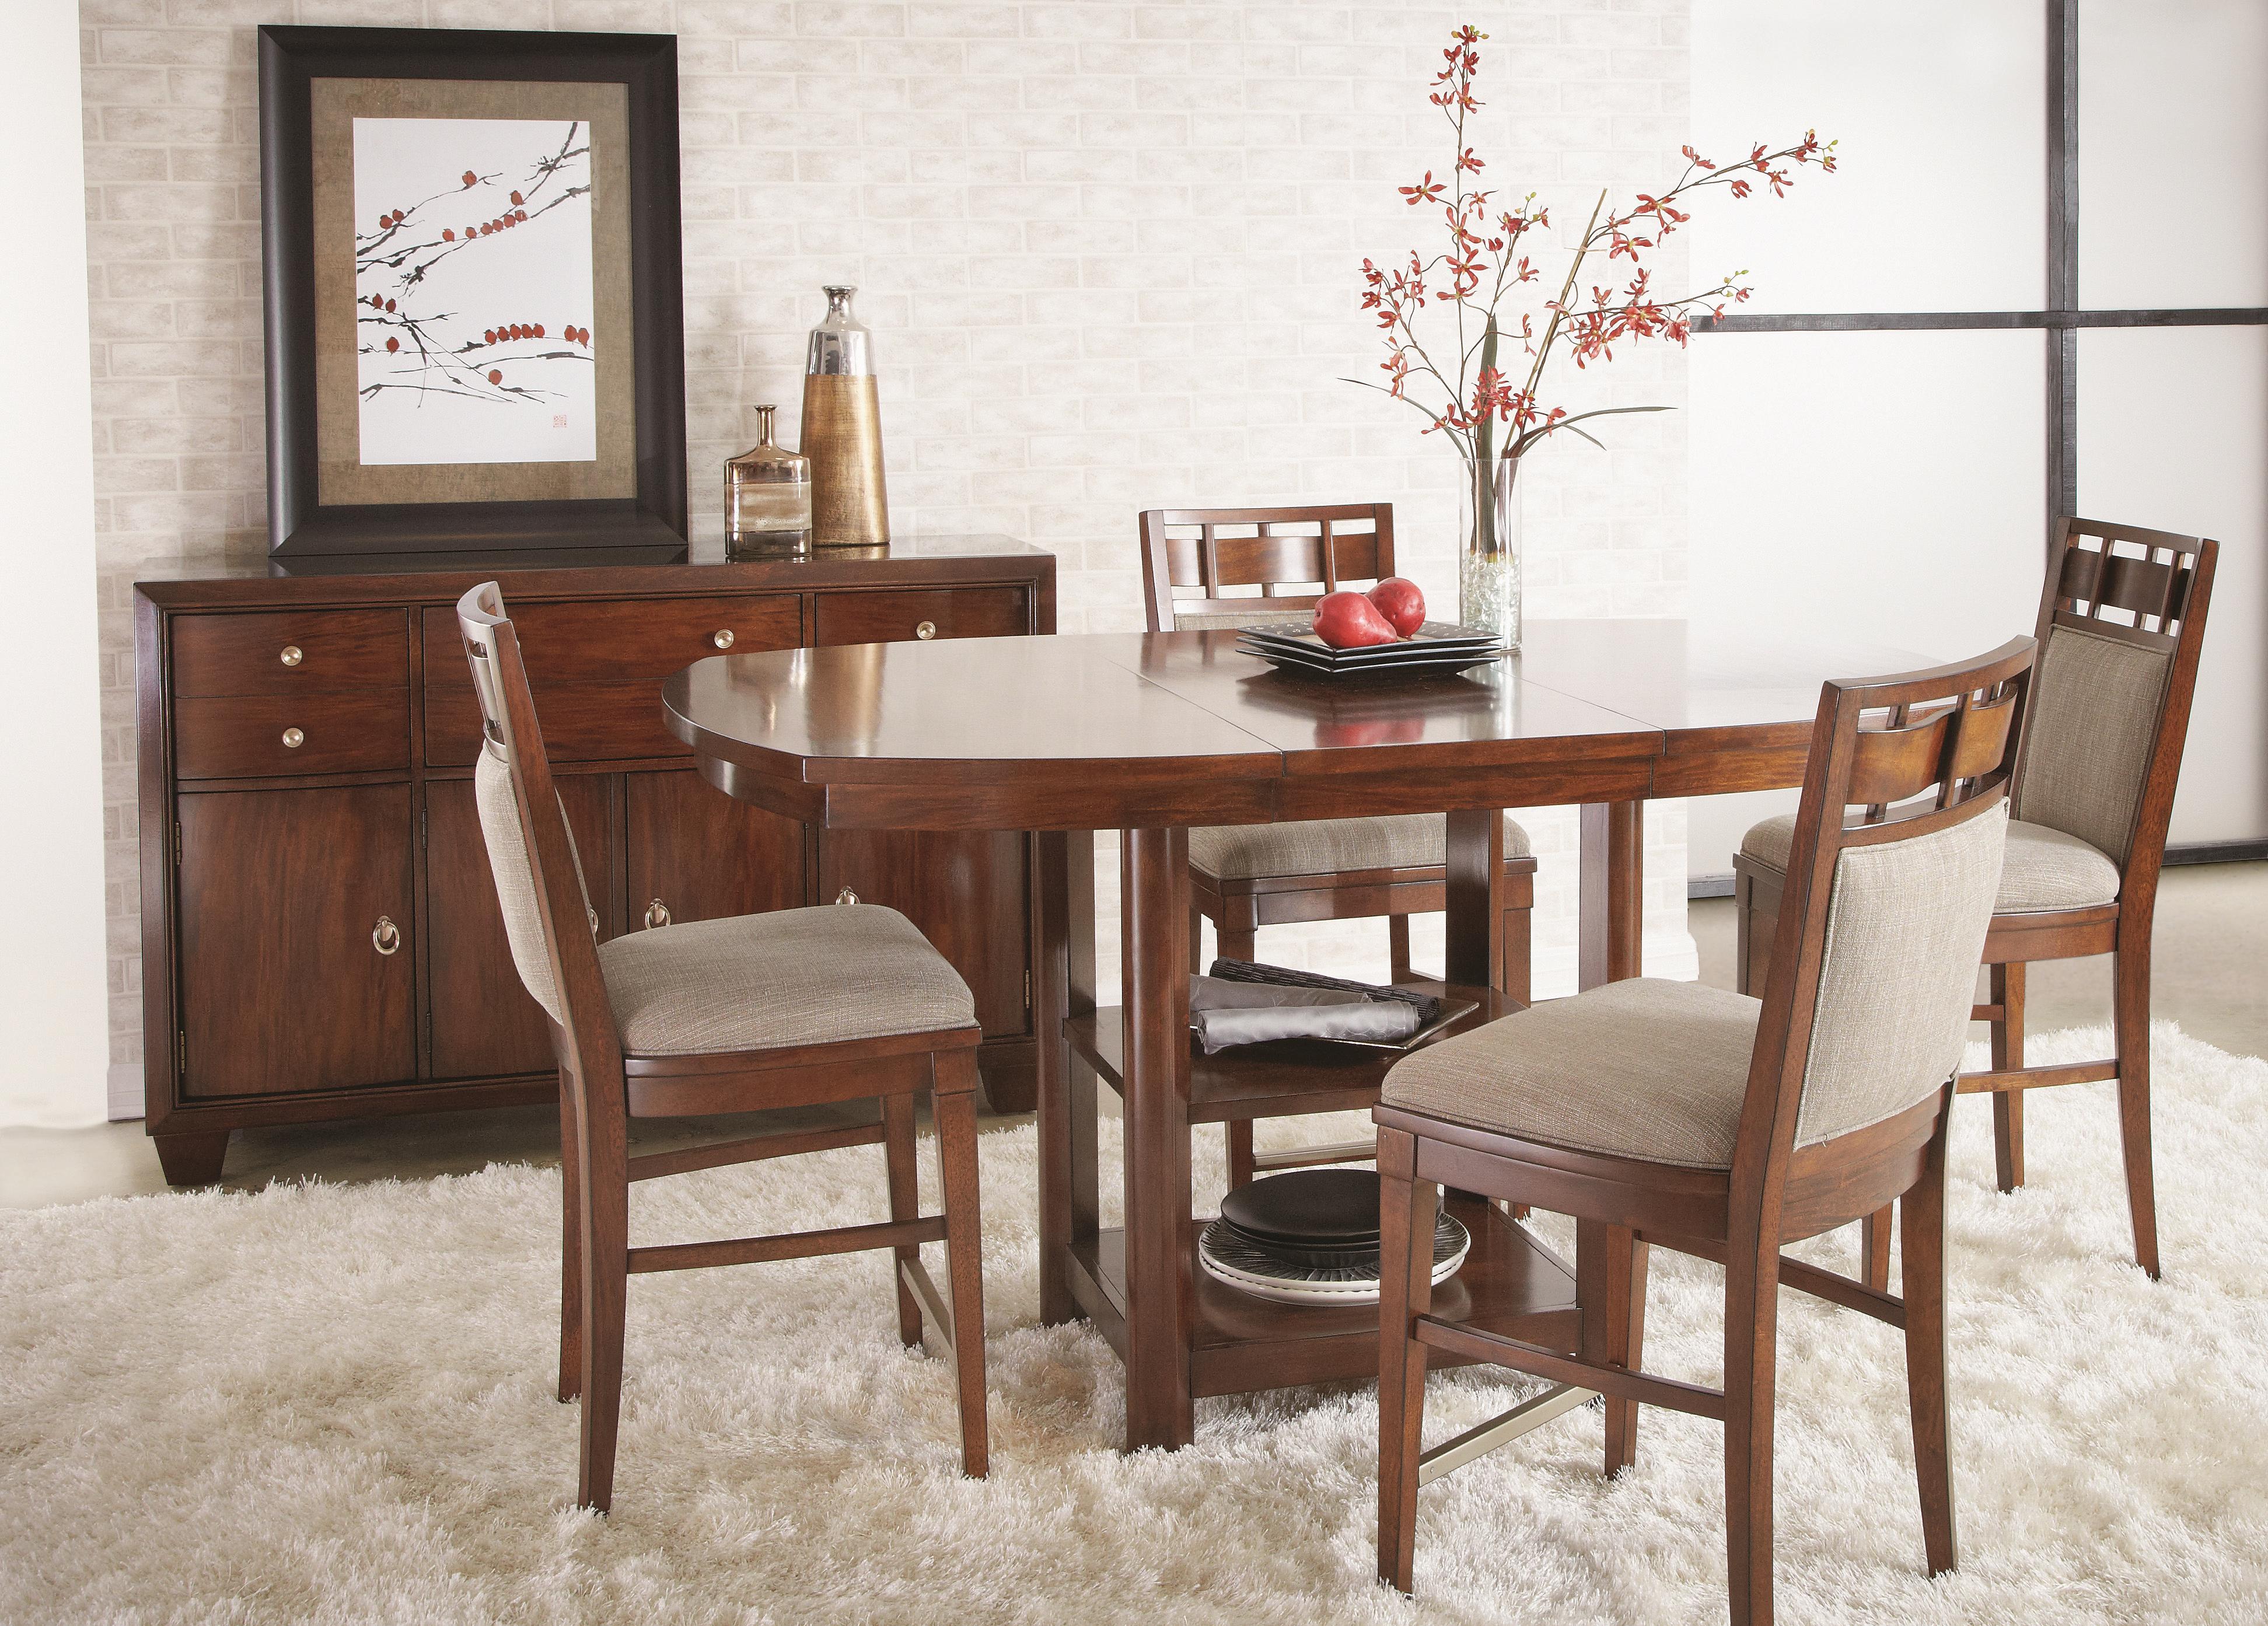 Best Of Dining Room Furniture Huntsville Al Light Of Dining Room